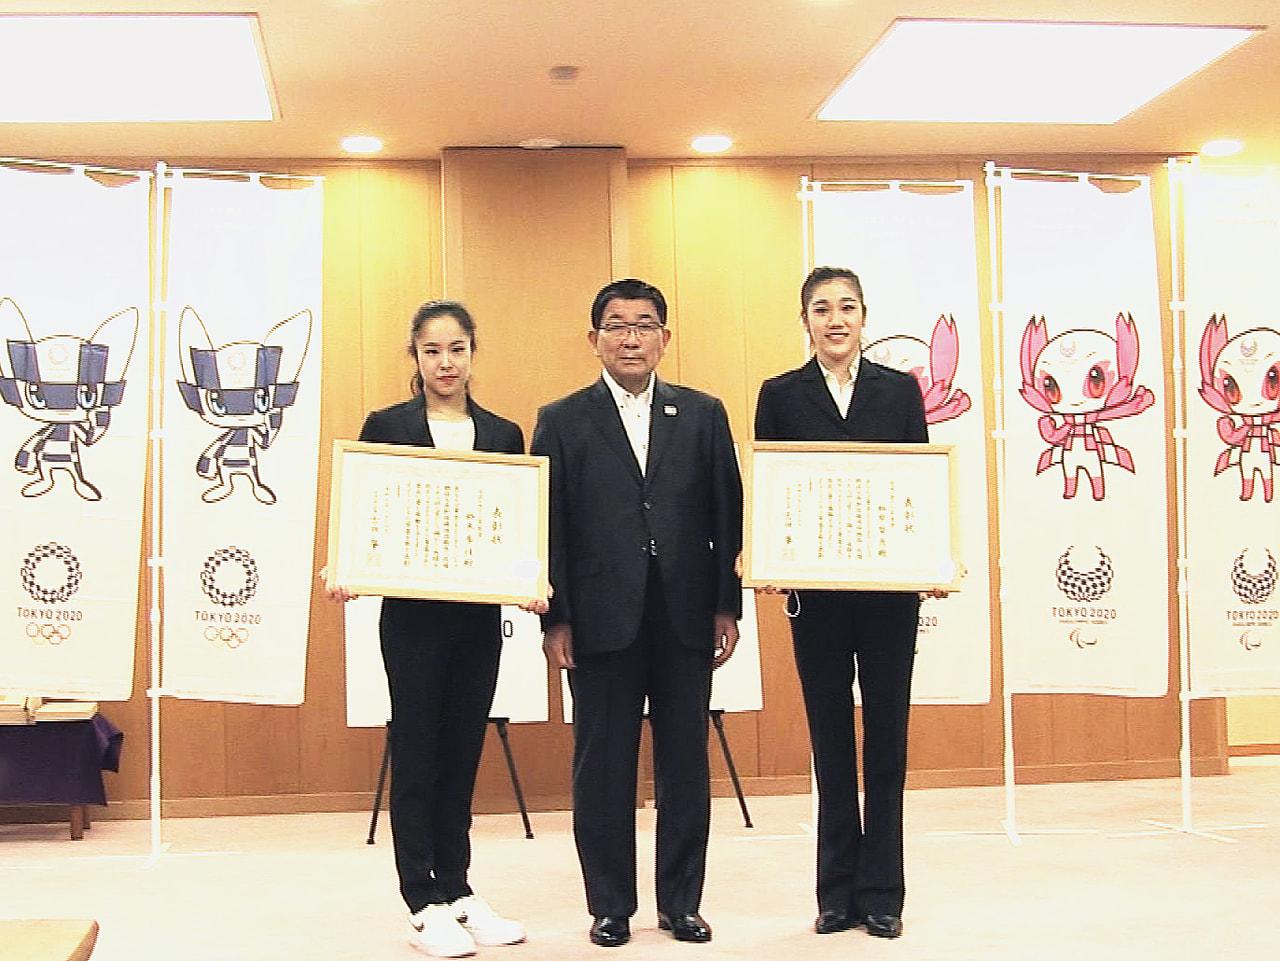 東京オリンピックの新体操団体総合で、8位に入賞した日本代表「フェアリージャパン」...